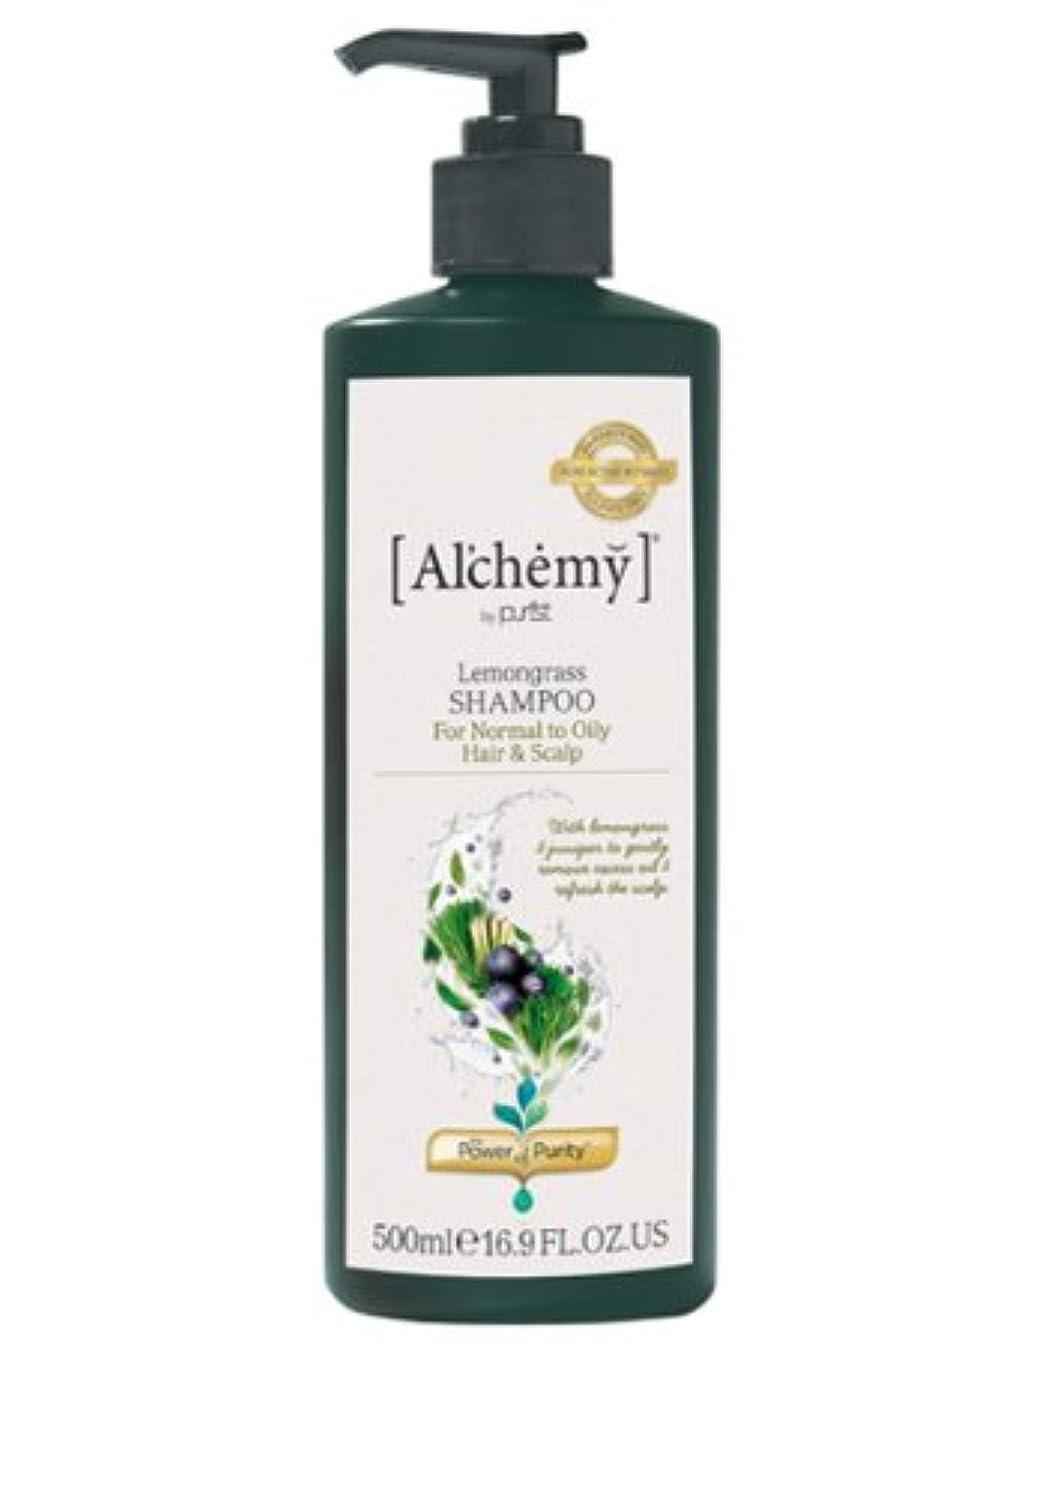 にじみ出る割る不快な【Al'chemy(alchemy)】アルケミー レモングラスシャンプー(Lemongrass Shampoo)(オイリー髪用)お徳用500ml